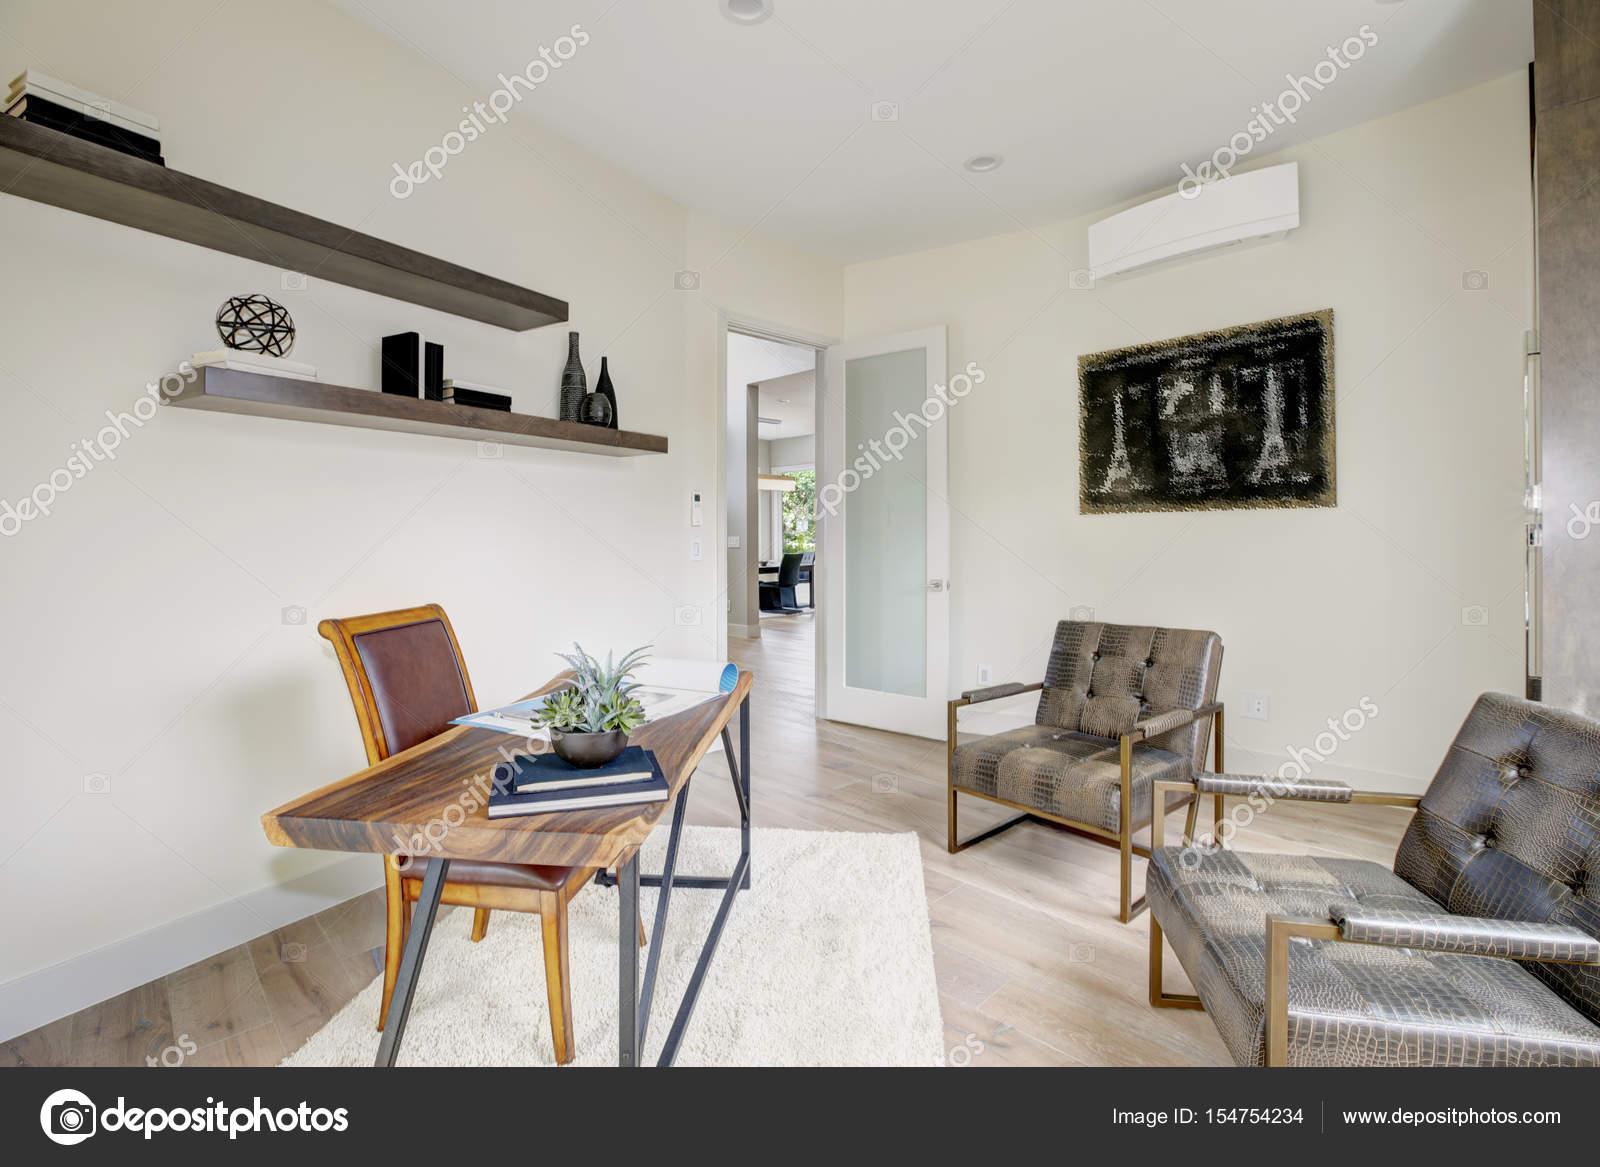 Fauteuils de la maison fauteuil rotin maison du monde et fauteuil